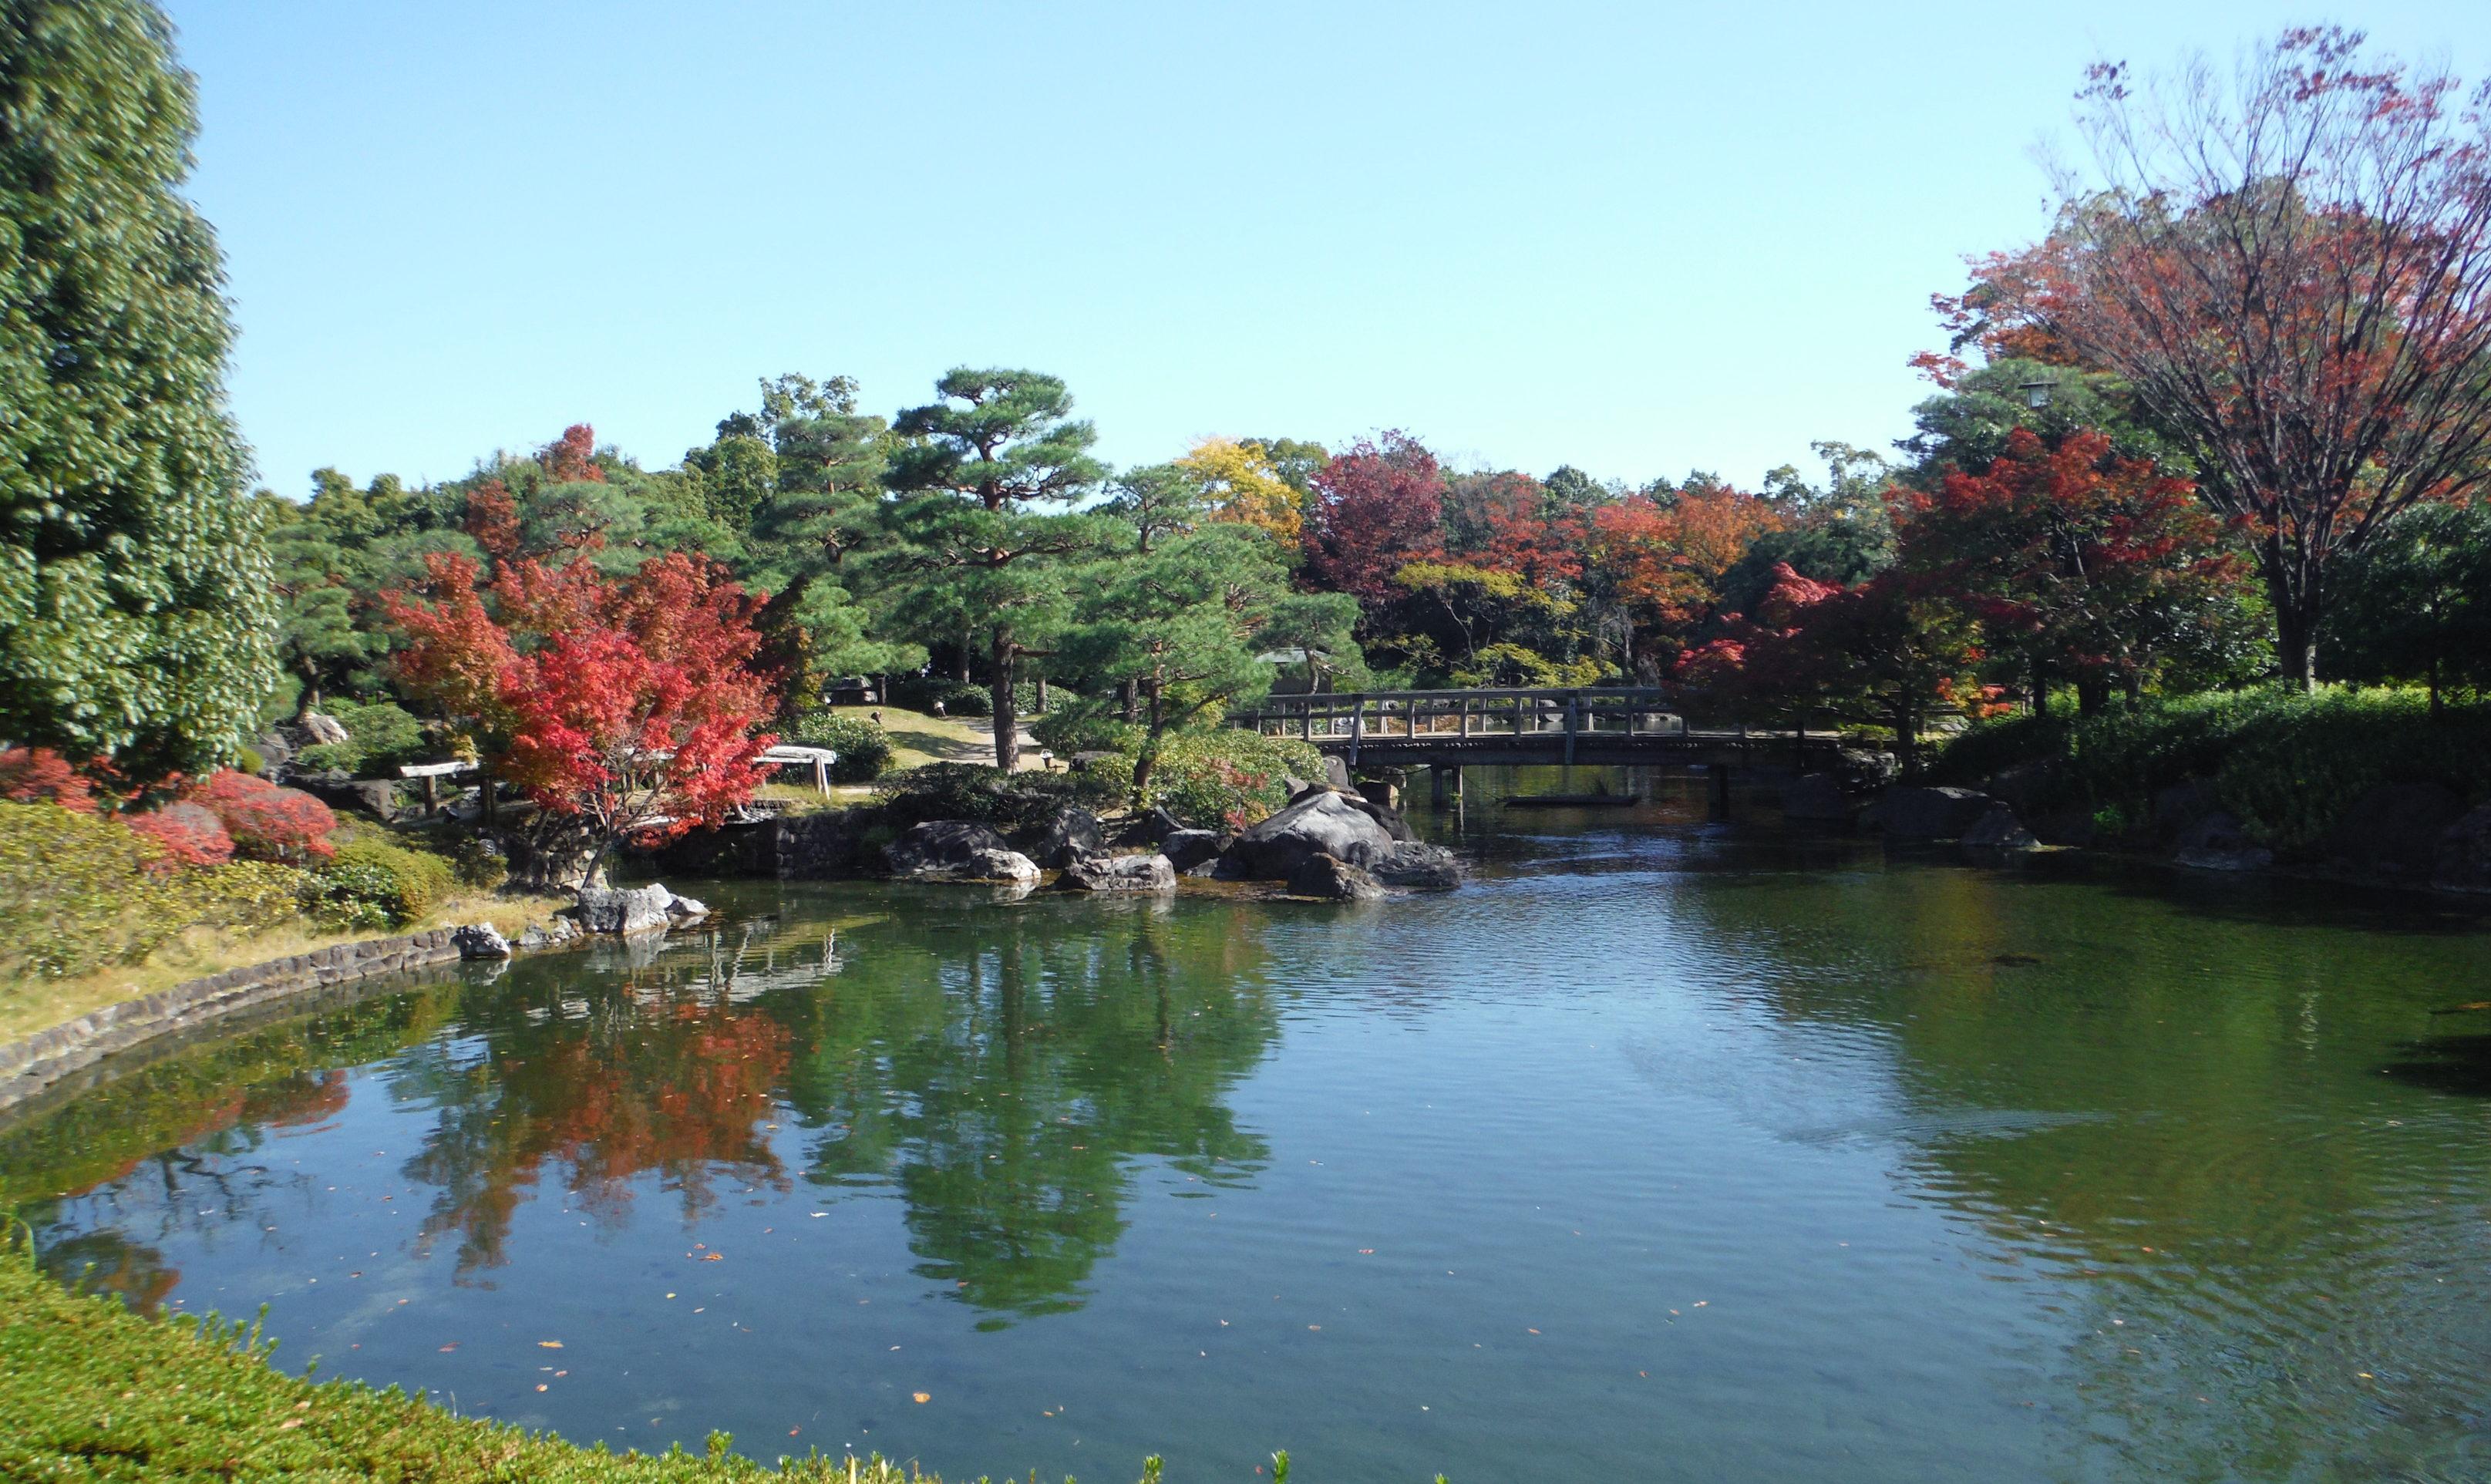 「名古屋市公園経営基本方針」に 基づくパークマネジメント 写真